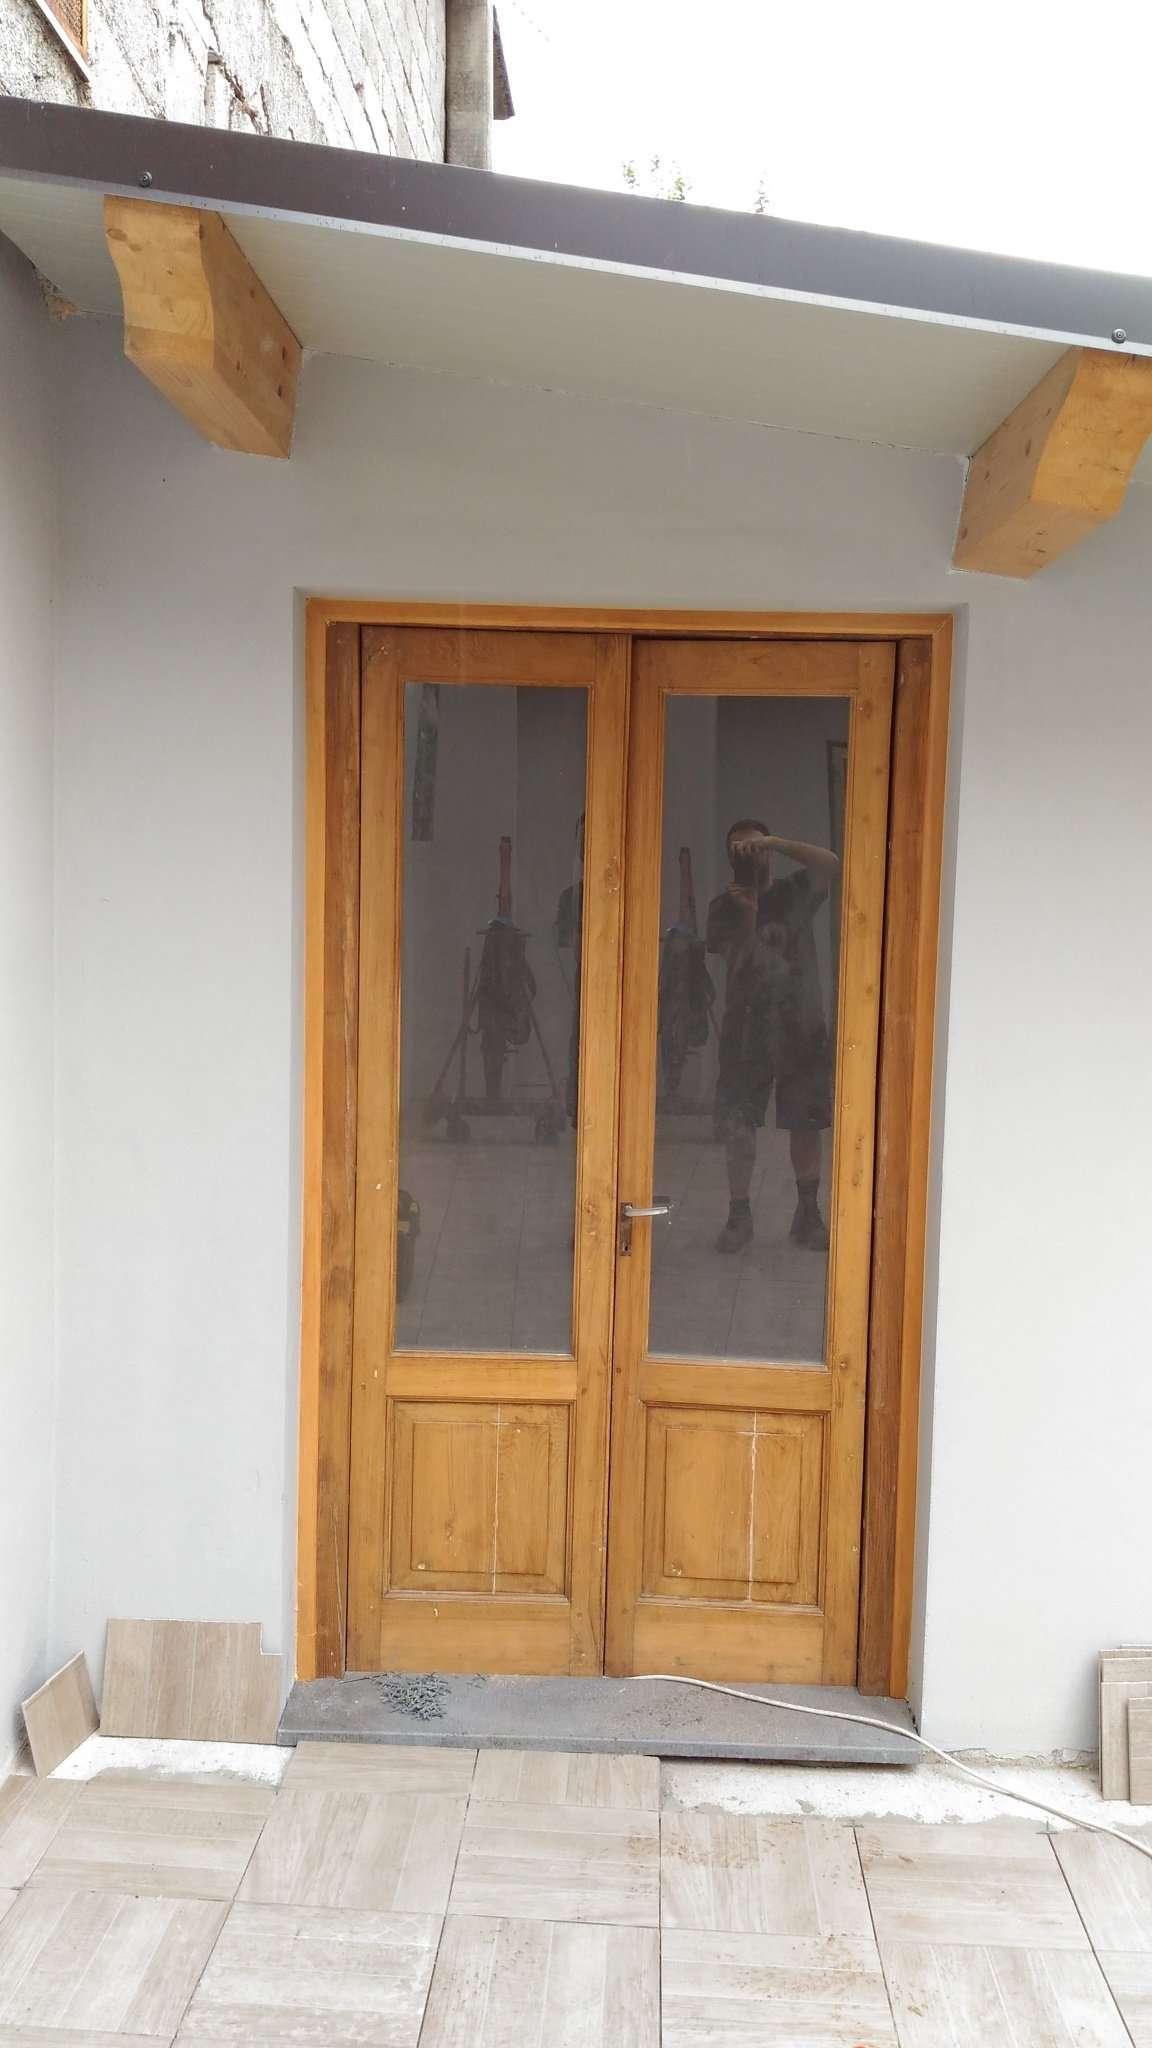 Reestructuración de una puerta y una ventana de madera de castaño